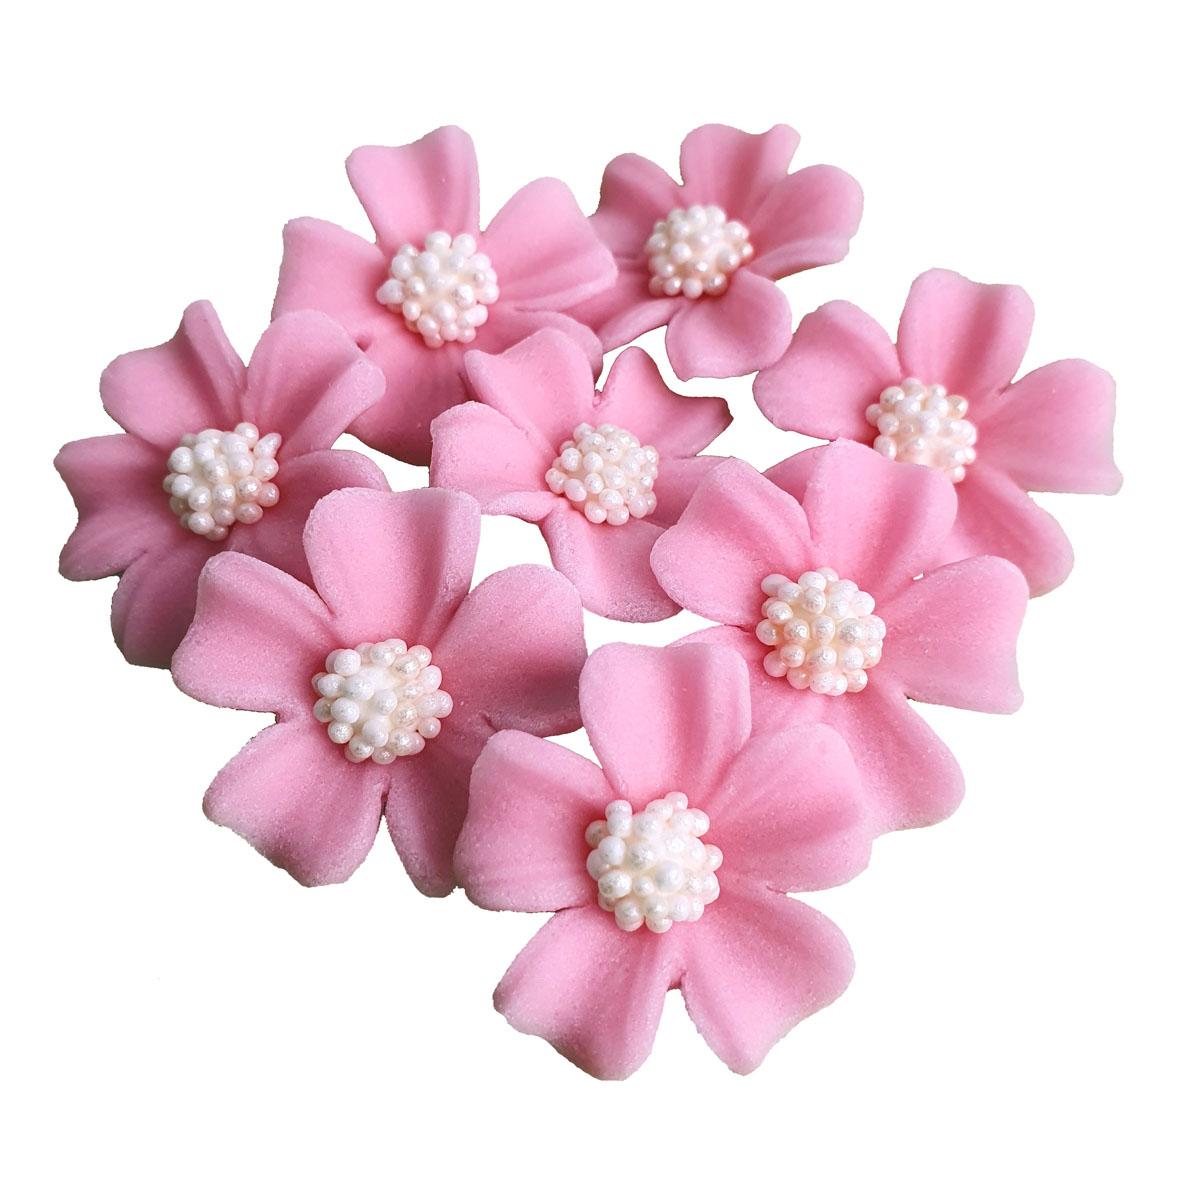 Zuckerblumen Vergissmeinnicht 8 Stück - Rosa